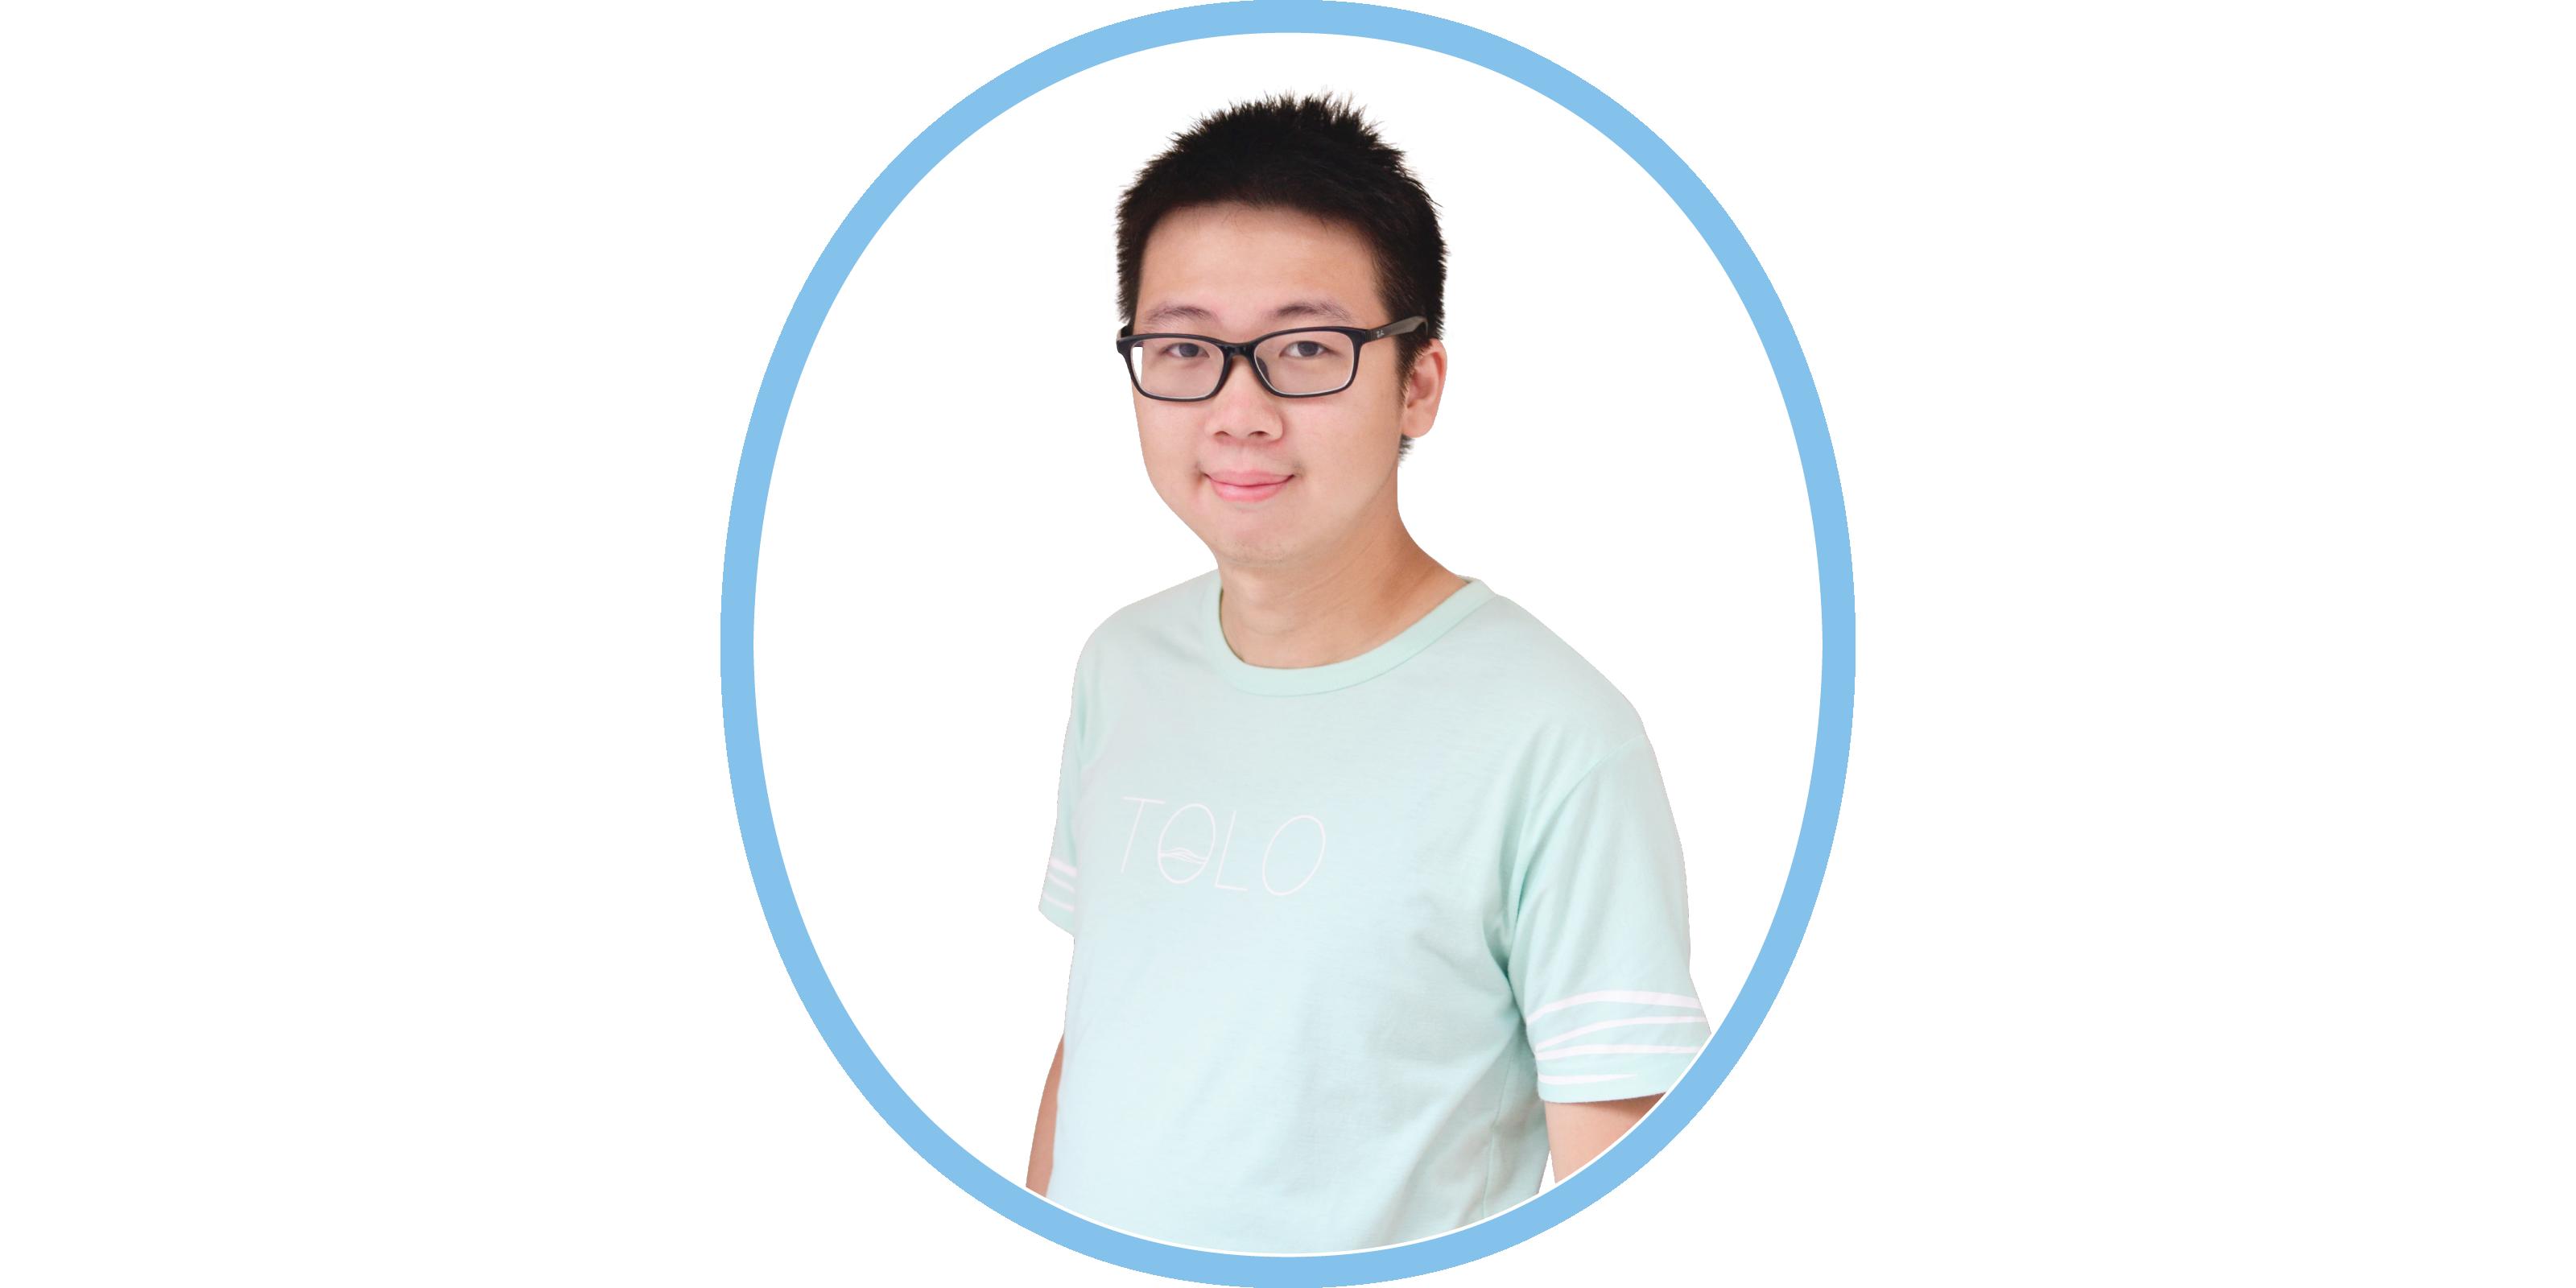 Profile Pic_Thumbnail_768 x 384_2016-2017-Alvin